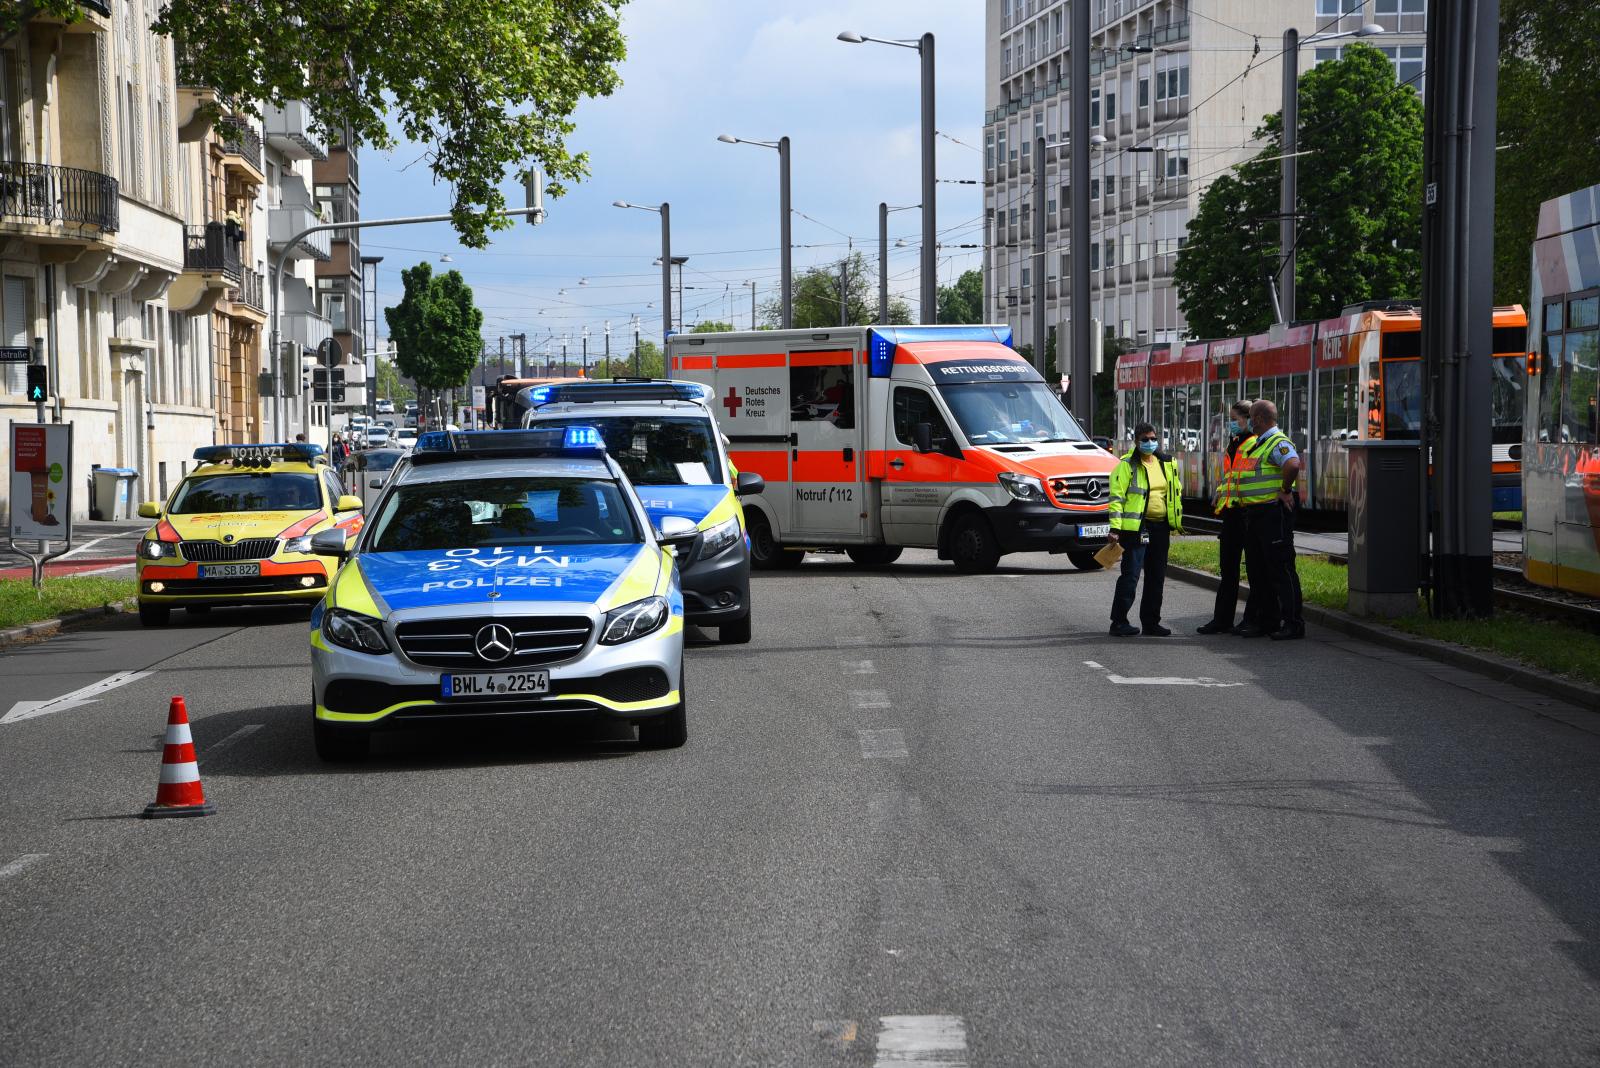 Mannheim-Oststadt/Innenstadt: Fahrzeug kollidiert mit Straßenbahn - Polizei und Rettungskräfte im Einsatz